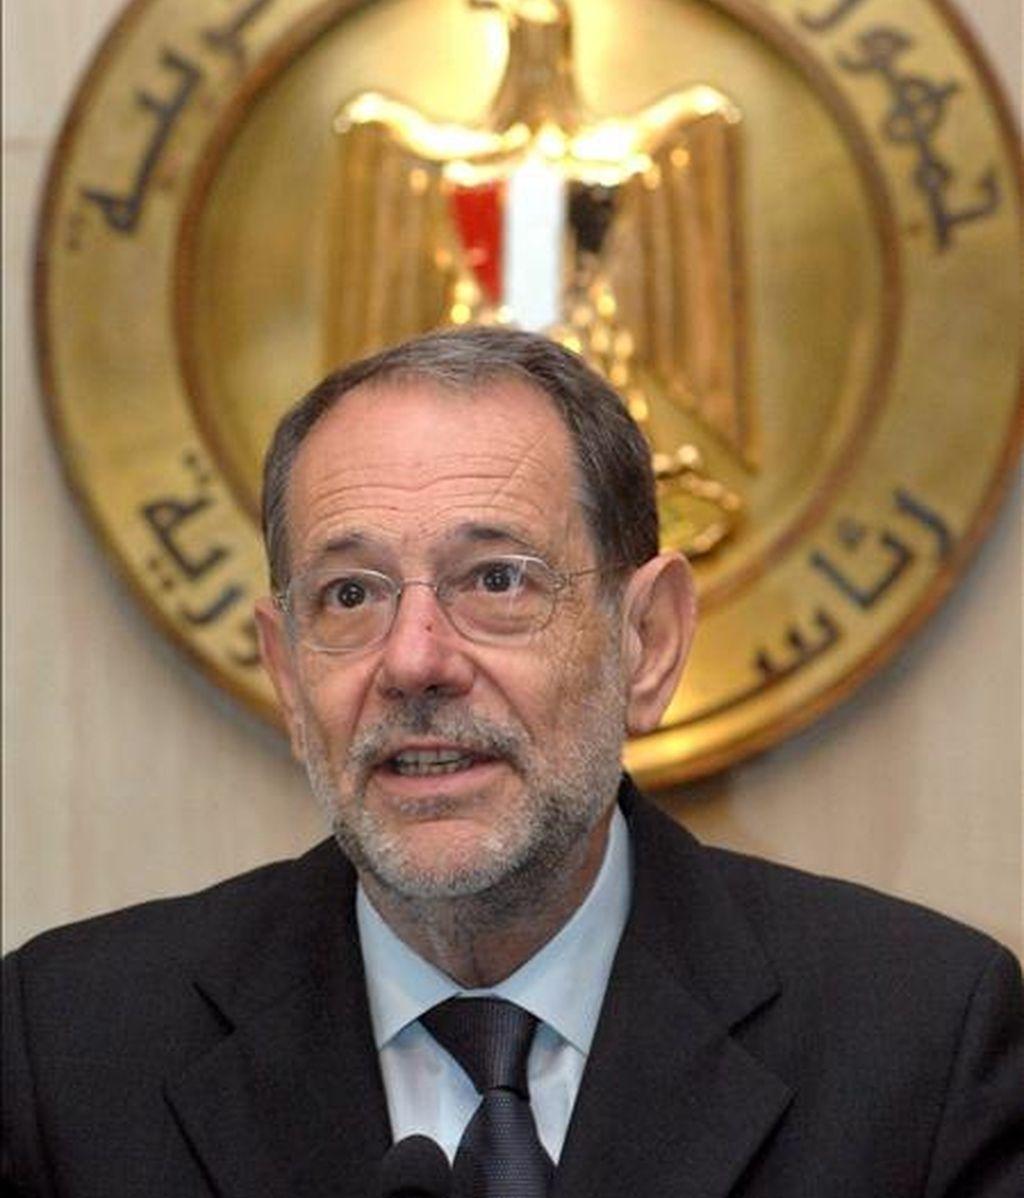 El alto representante de Política Exterior y Seguridad Común de la Unión Europea (UE), Javier Solana. EFE/Archivo